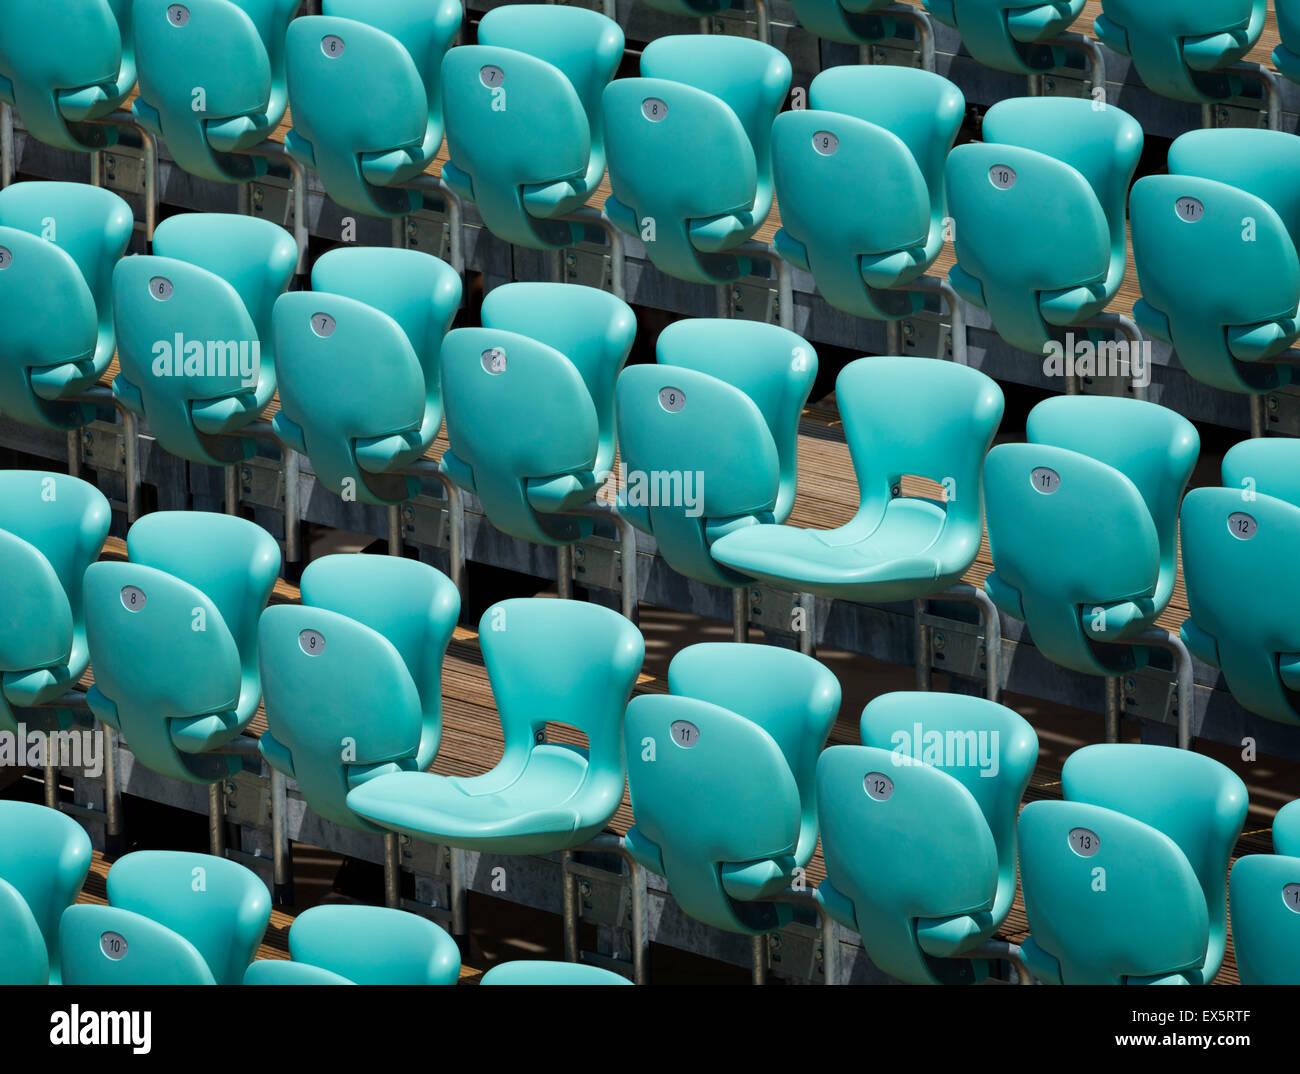 Sitzreihen am Veranstaltungsort für Konzerte. Stockbild